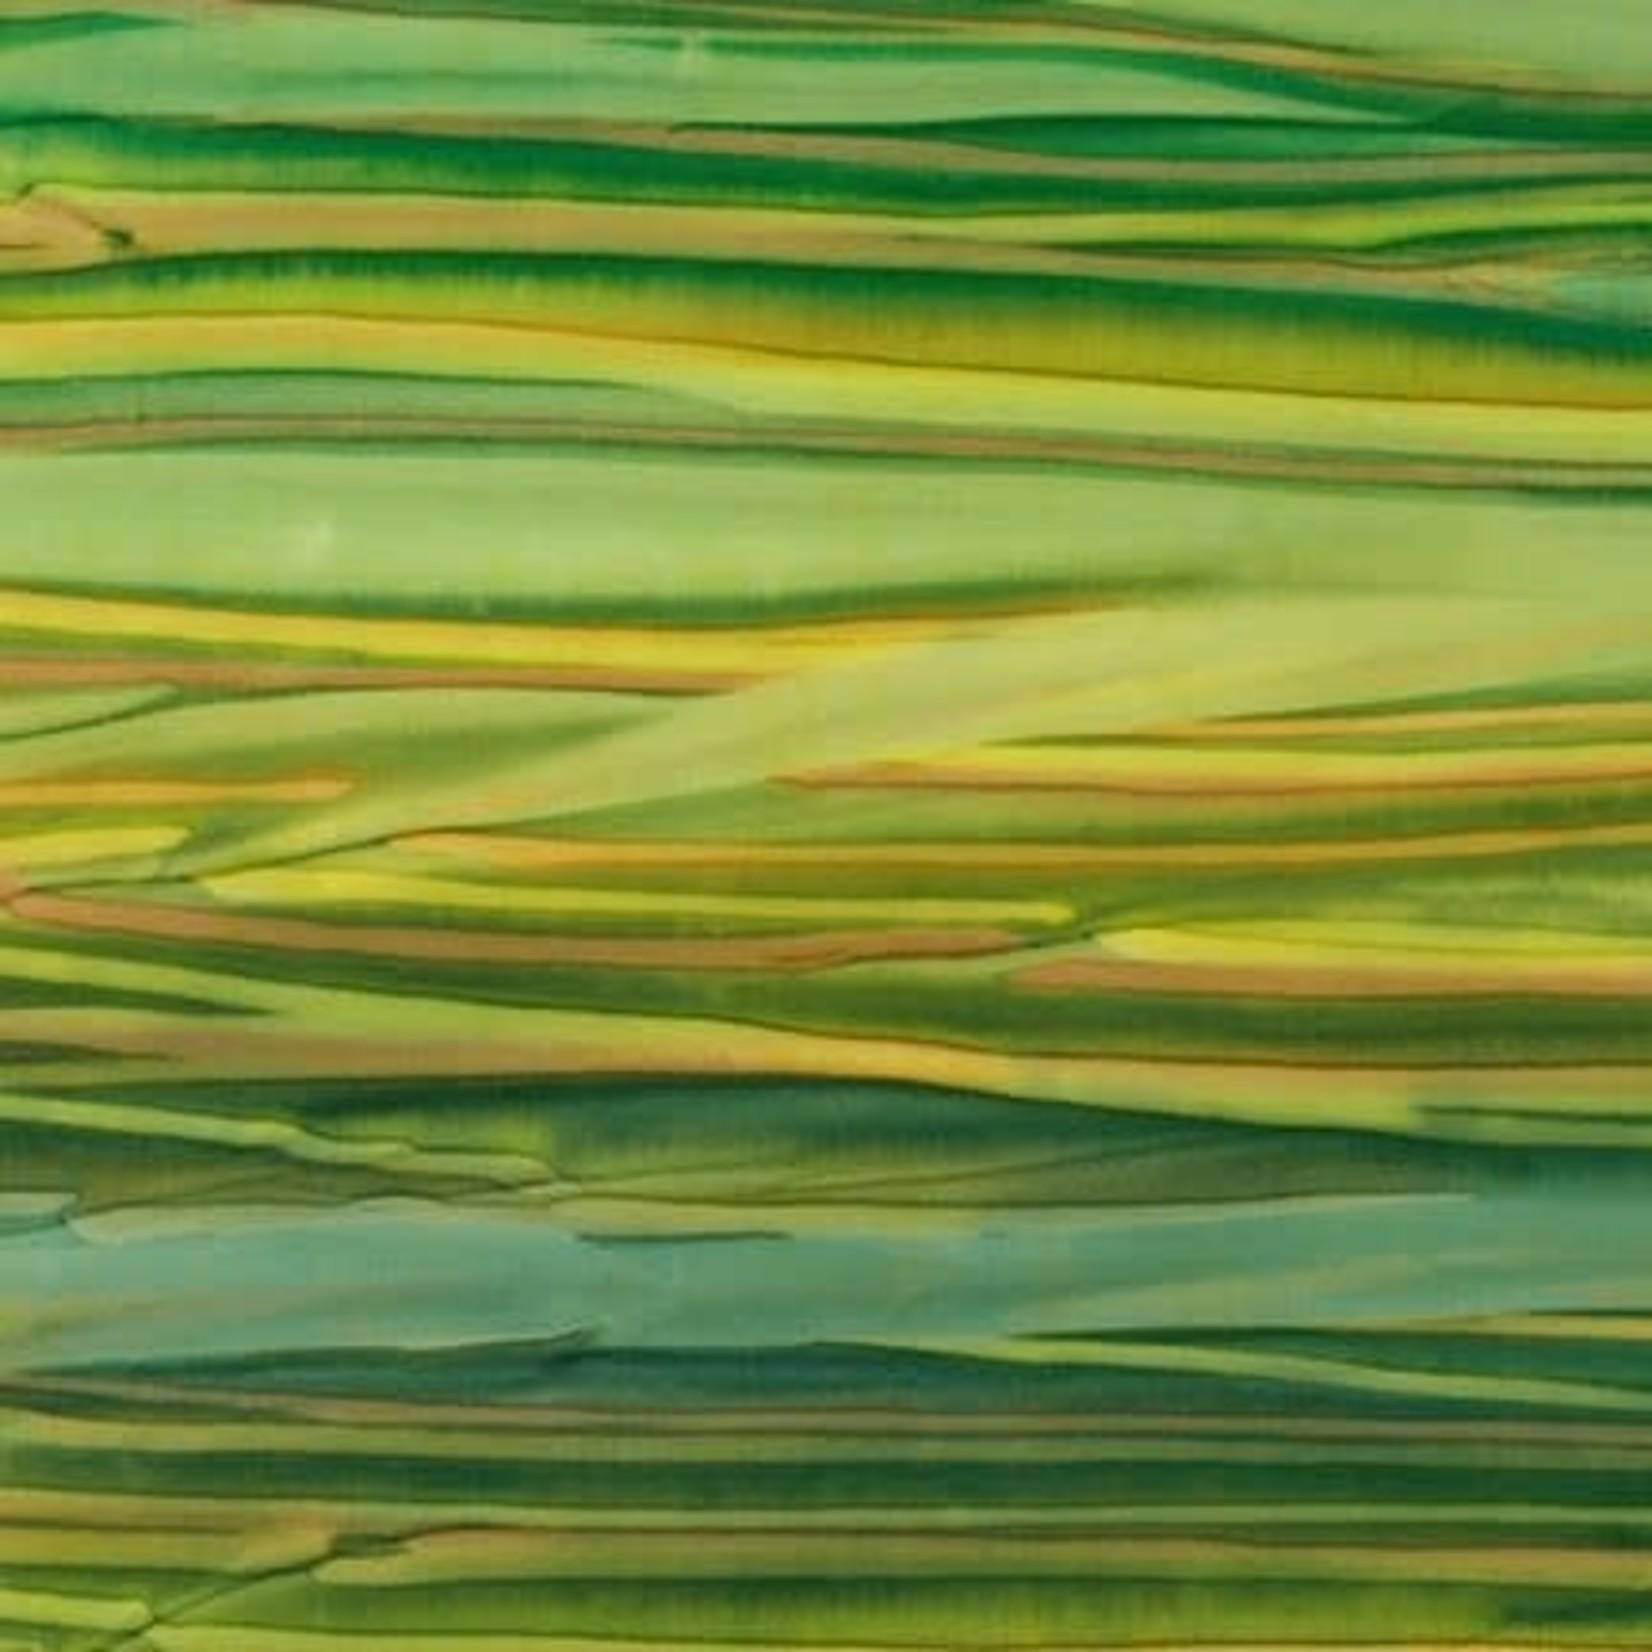 ROBERT KAUFMAN ARTISANS BATIKS, PATINA HAND PAINTS, ADVENTURE, 20068-267 Per Cm or $20/m